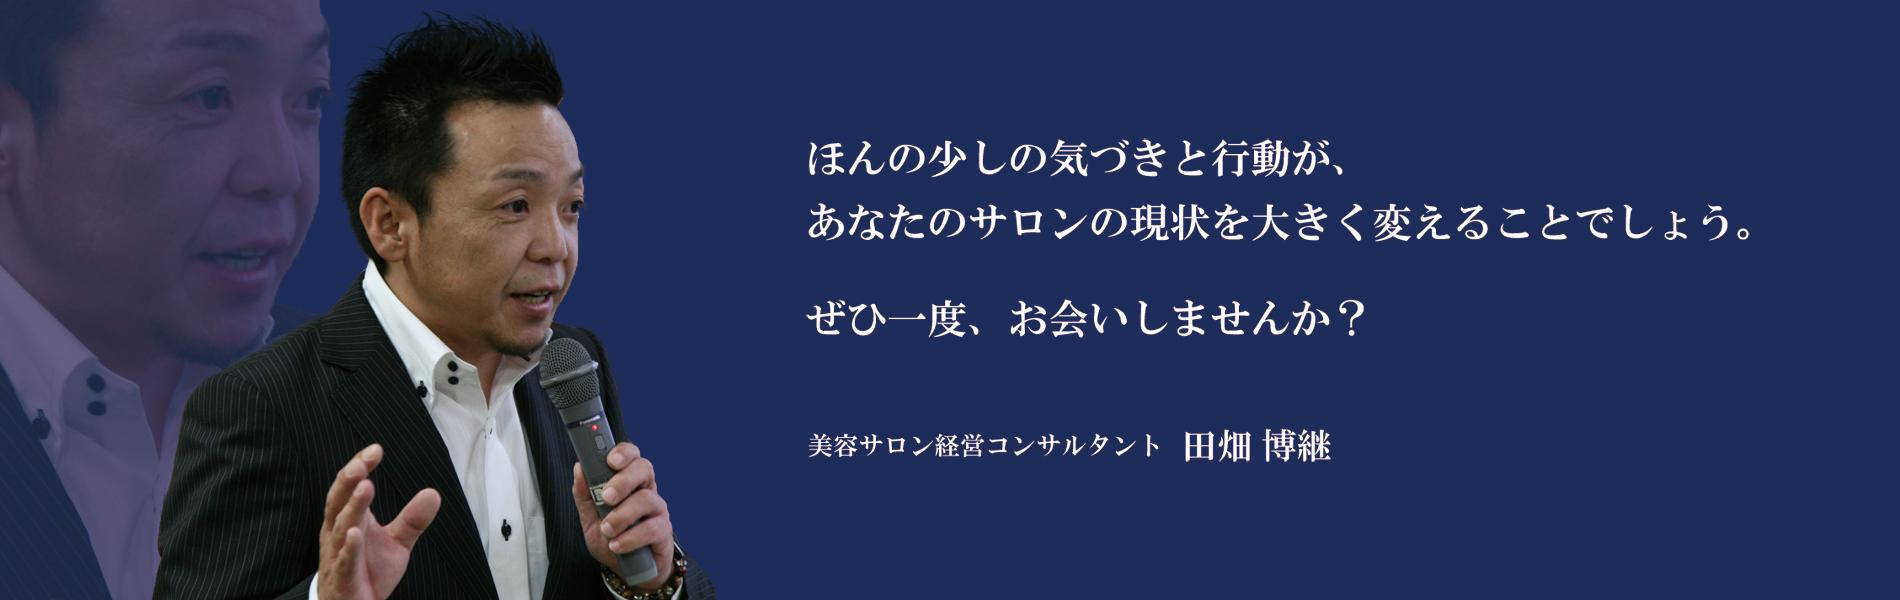 美容サロン(美容室・エステなど)経営コンサルティング - 田畑 博継(たばた ひろつぐ)